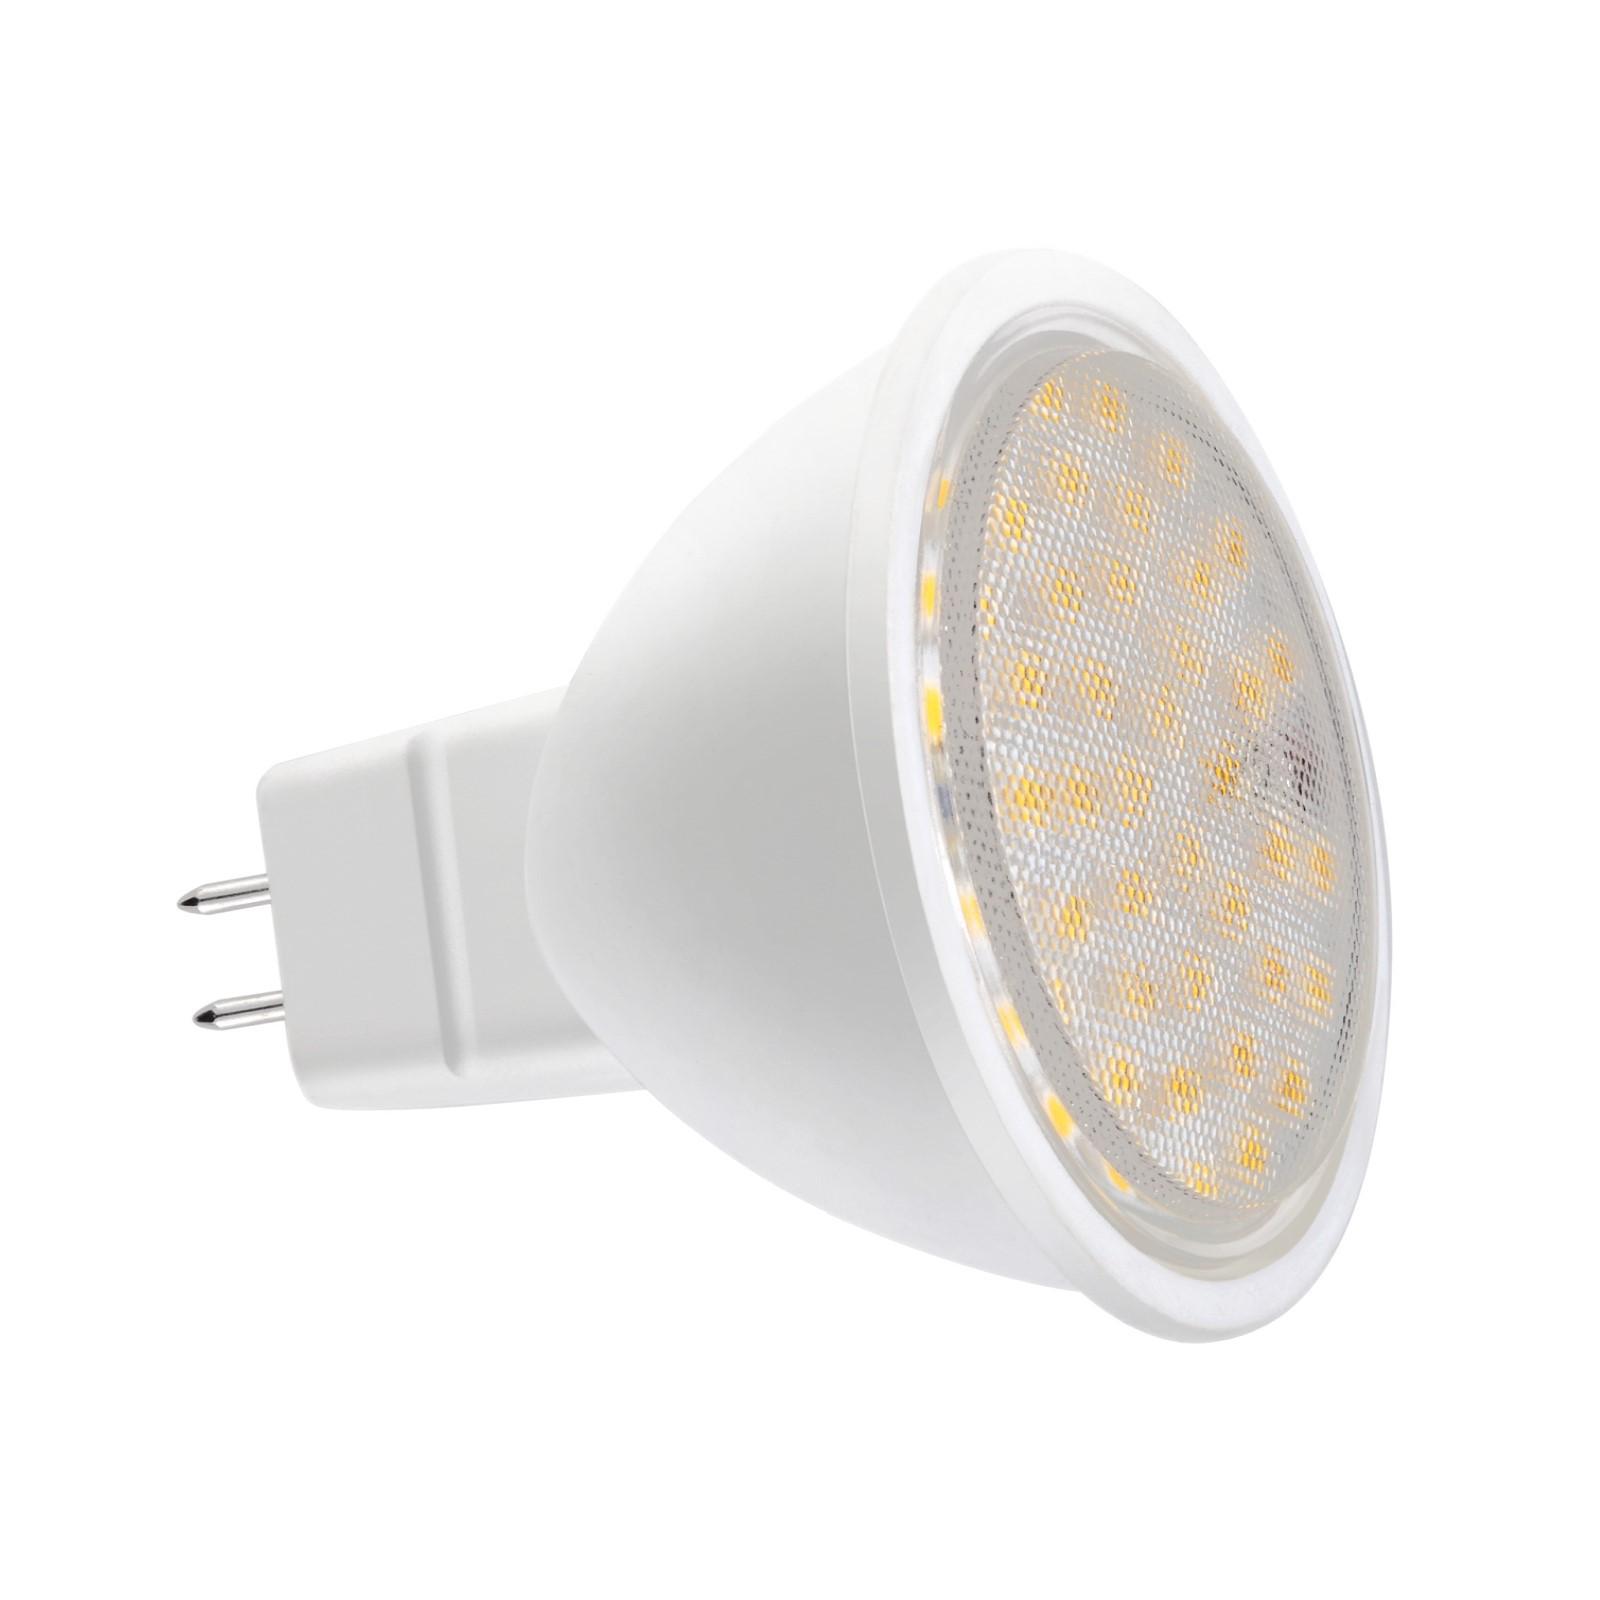 led leuchtmittel lampe strahler 12v mr16 60smd leds. Black Bedroom Furniture Sets. Home Design Ideas